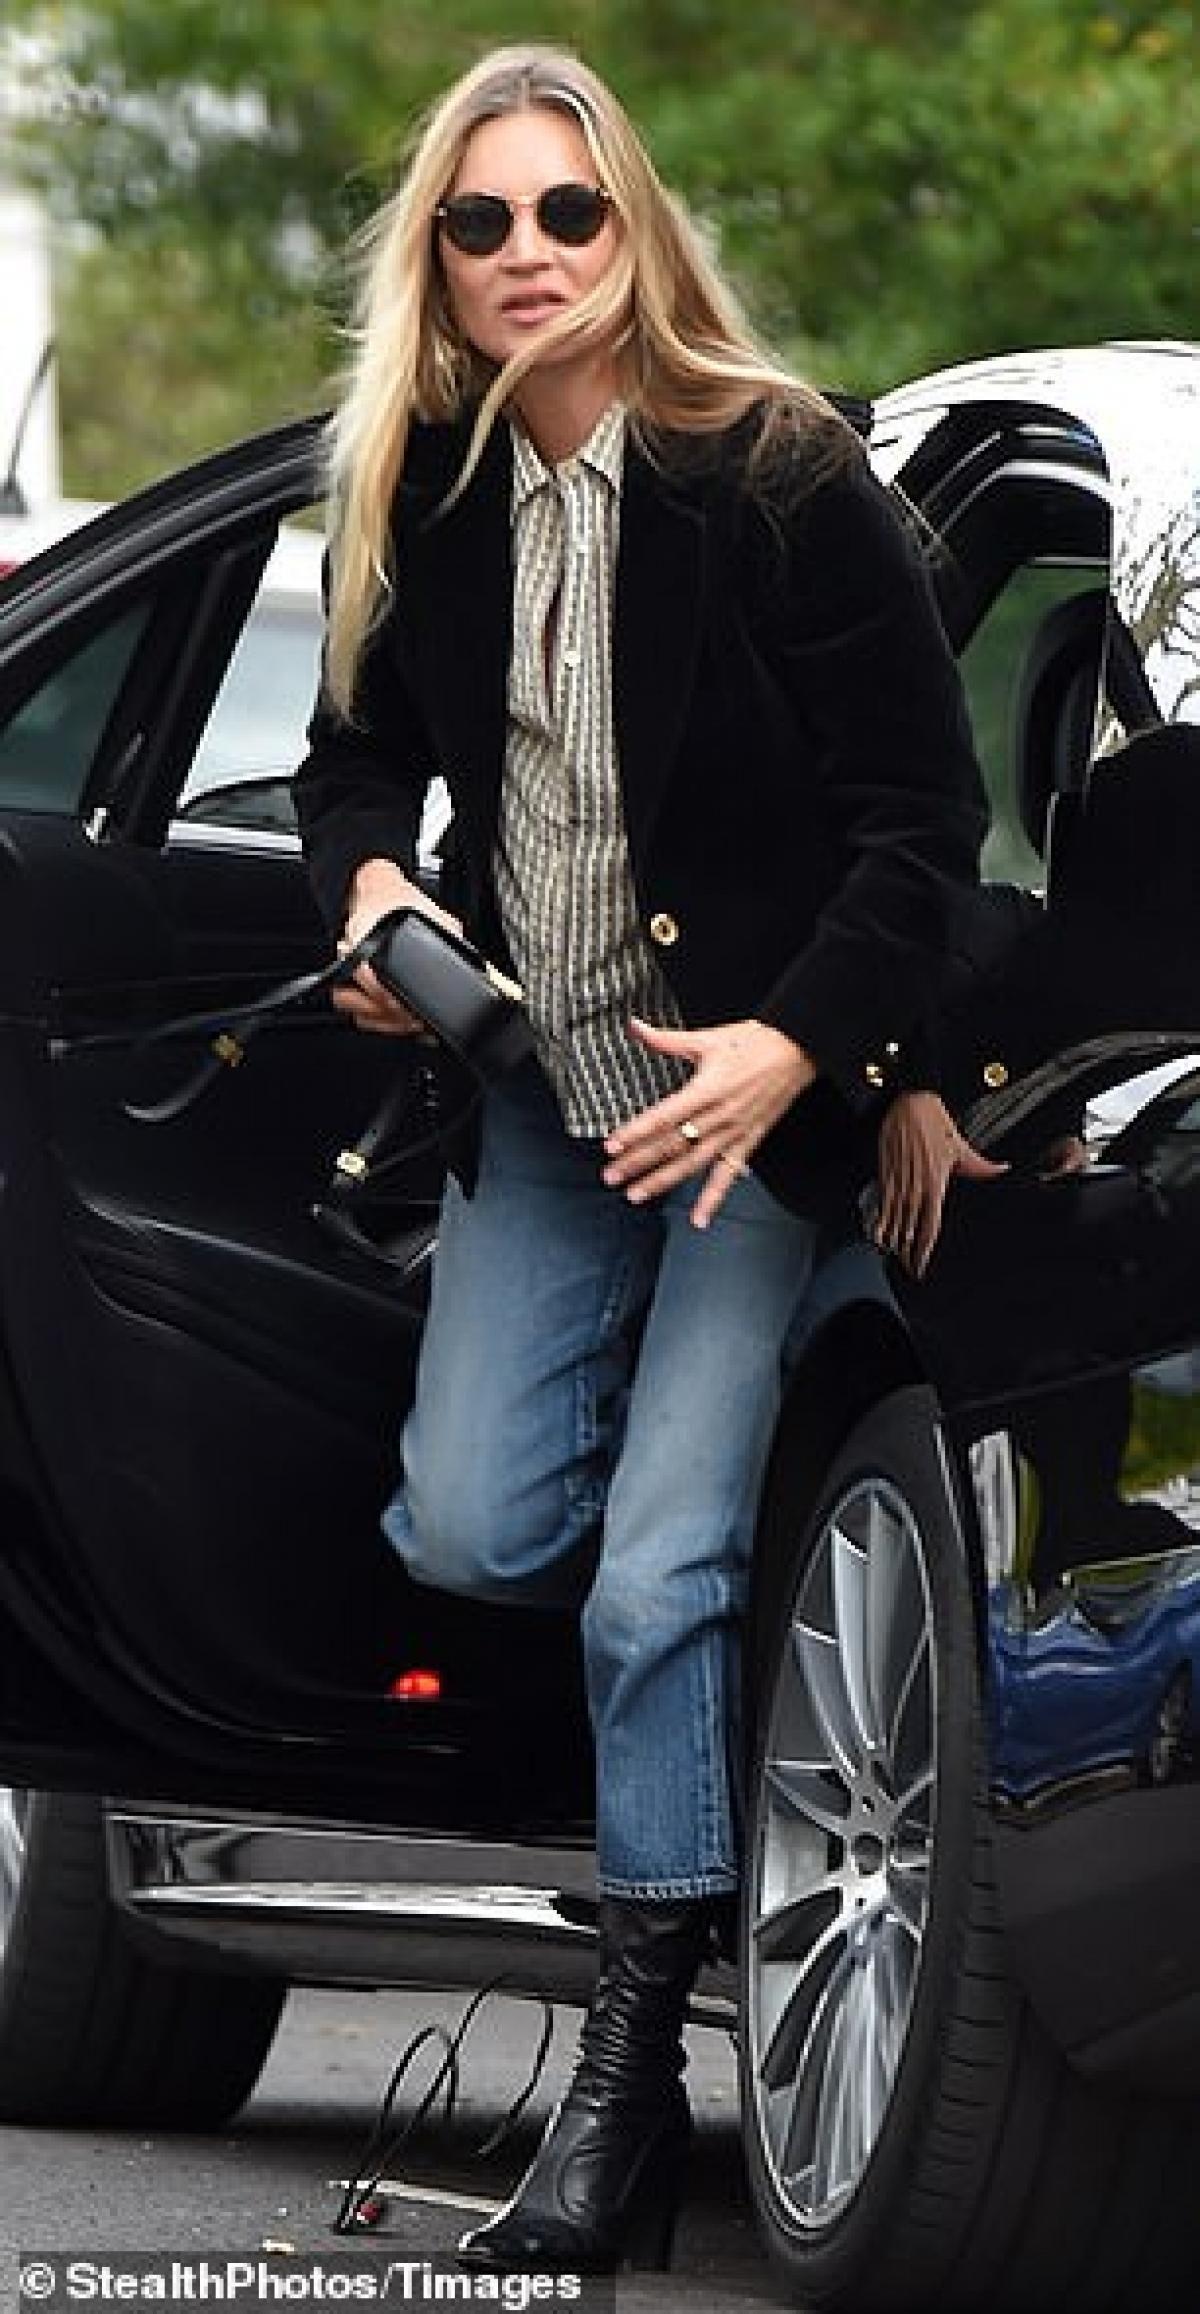 Cựu mẫu lừng danh Kate Moss 'hút mắt' với vẻ ngoài sành điệu ở tuổi 47 Ảnh 5